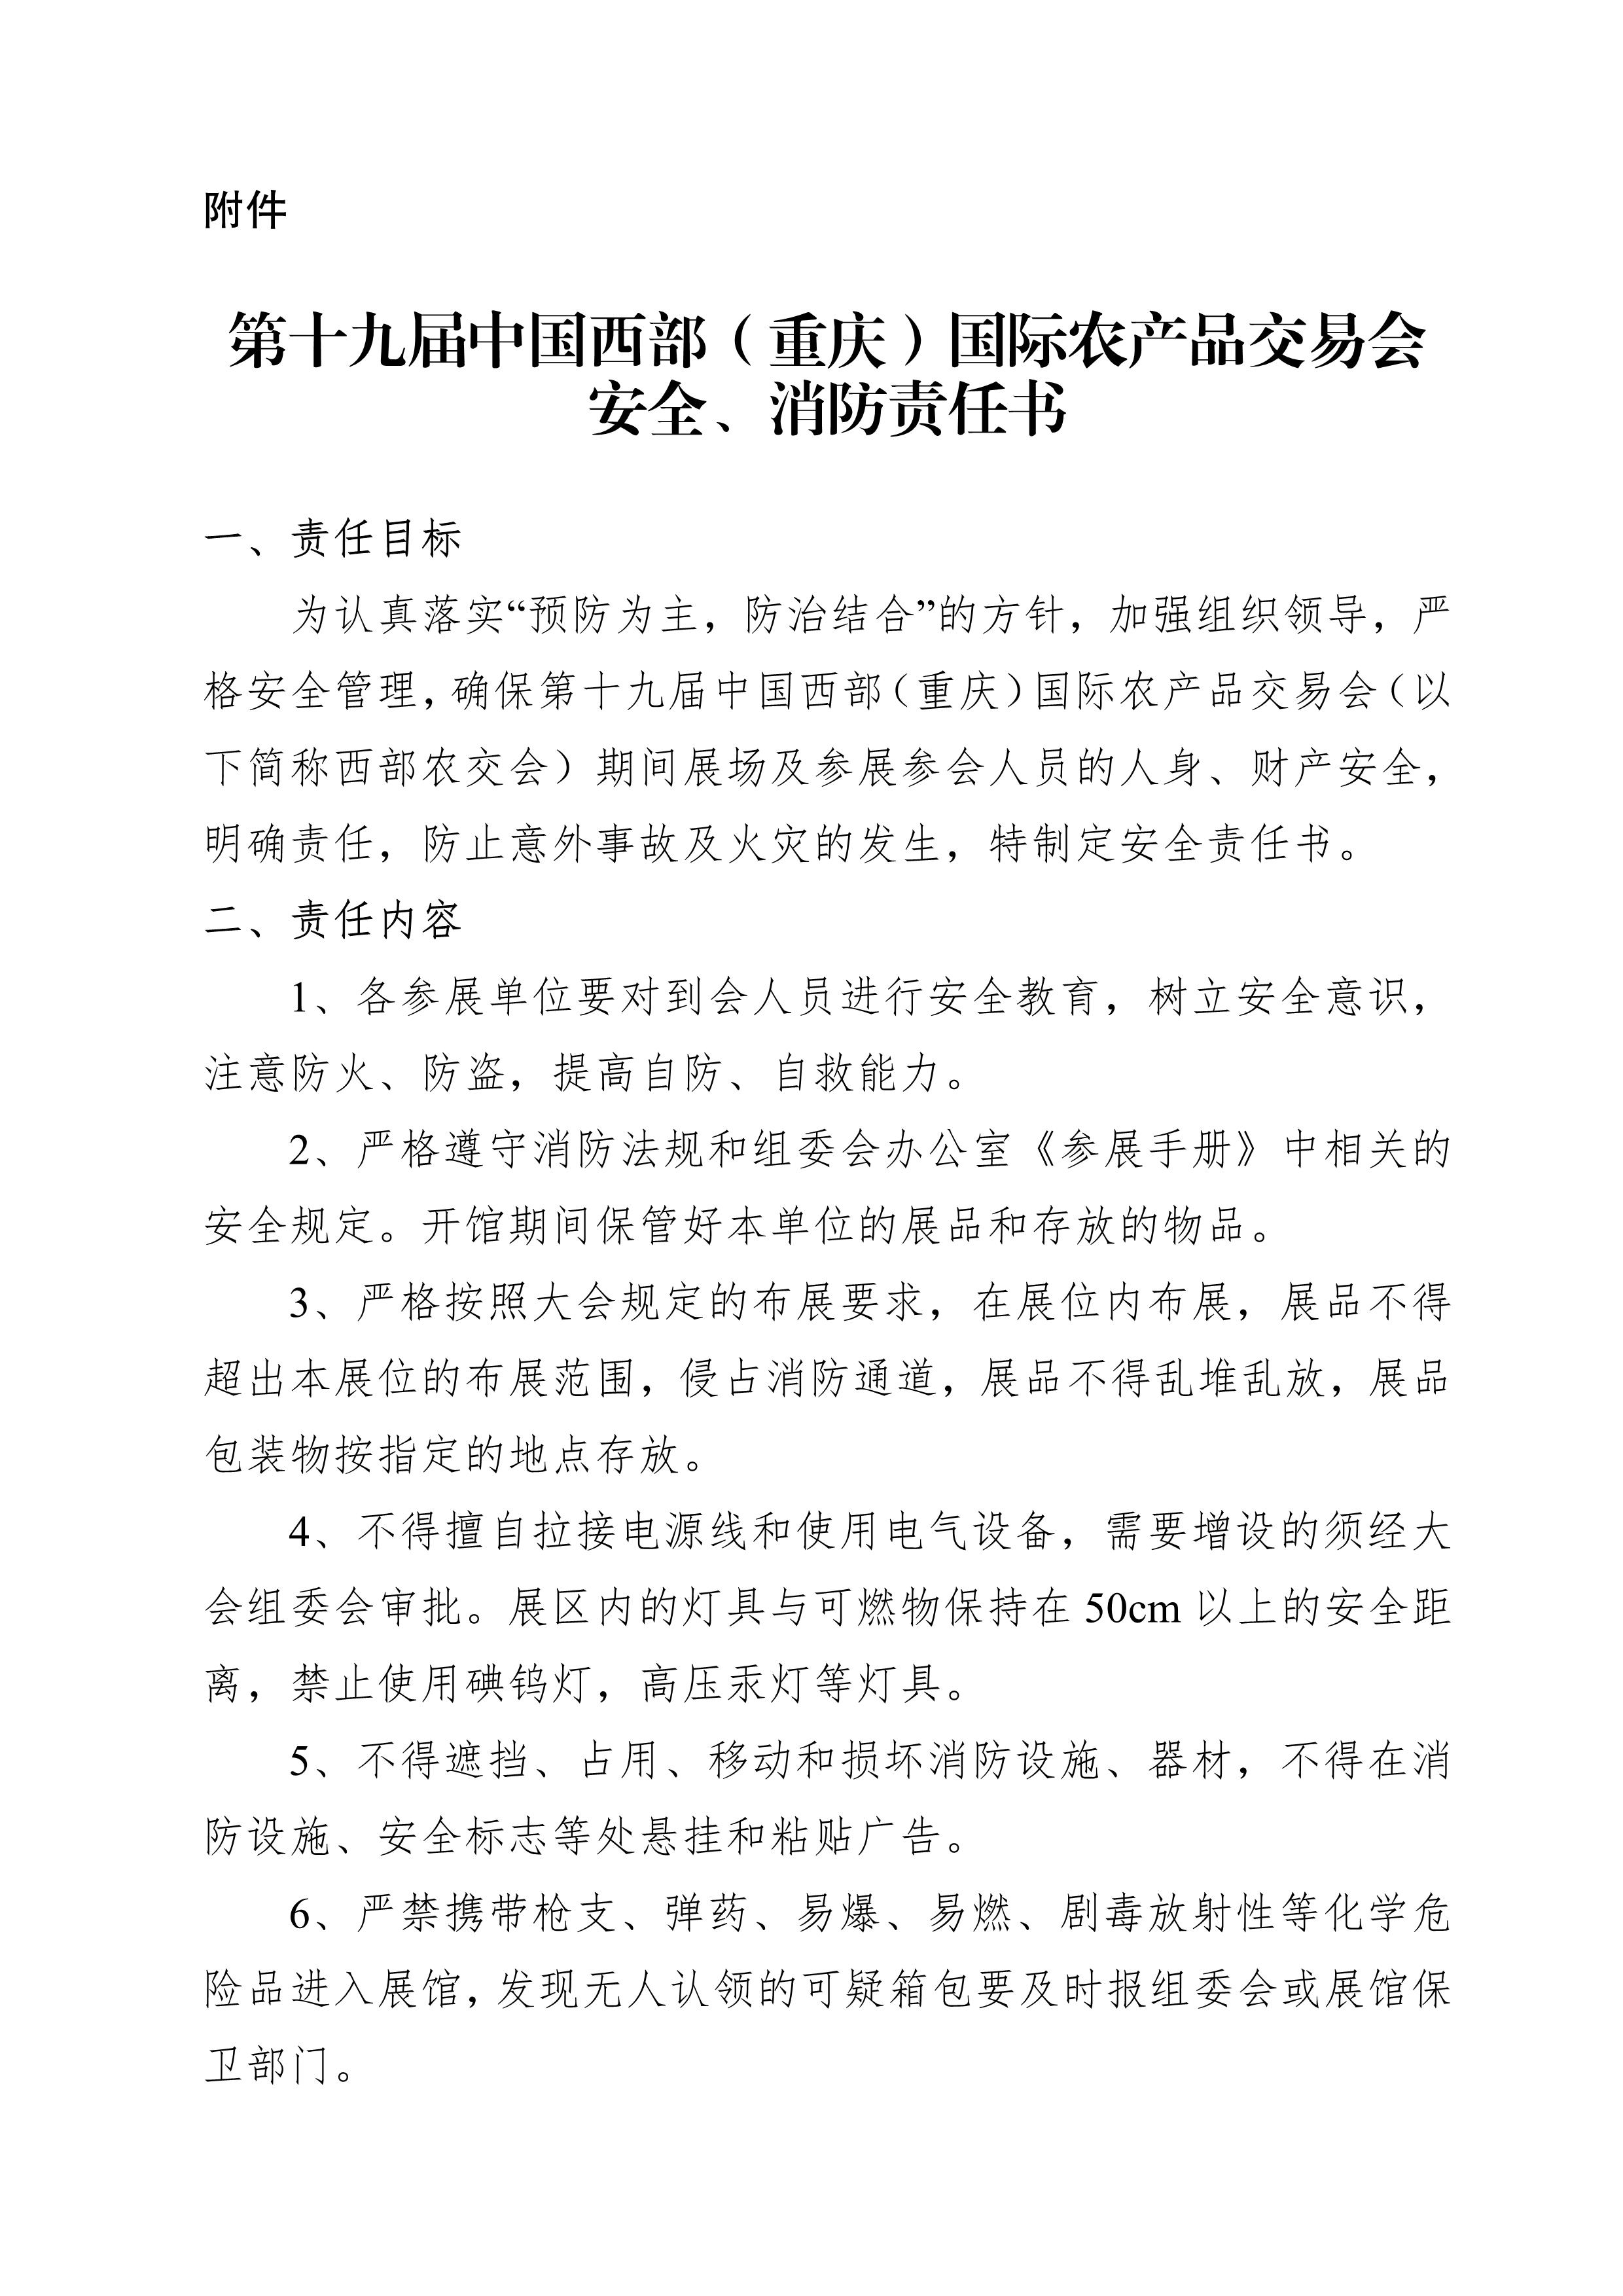 19届西部农交会特装布展通知(定稿)_5.jpg